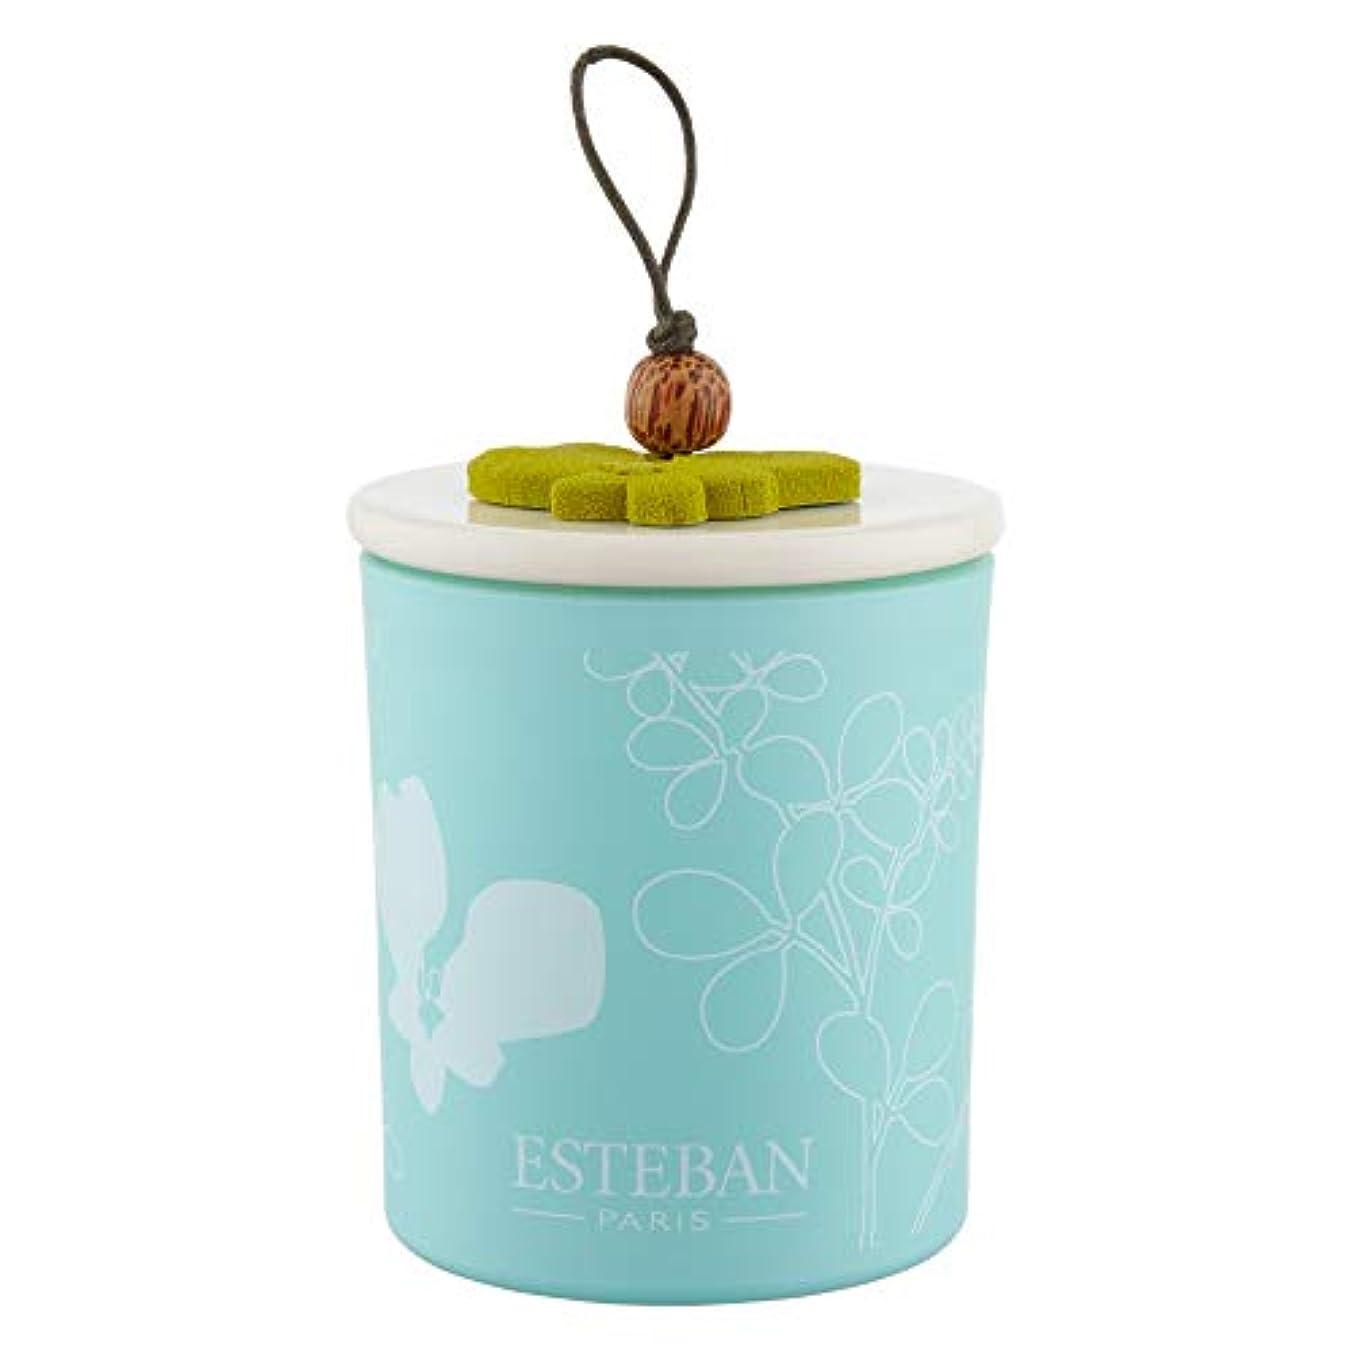 良心的ゴージャススイ[Esteban ] エステバンは、装飾されたキャンドル170グラムを香りOrchidee - Esteban Orchid?e Scented Decorated Candle 170g [並行輸入品]